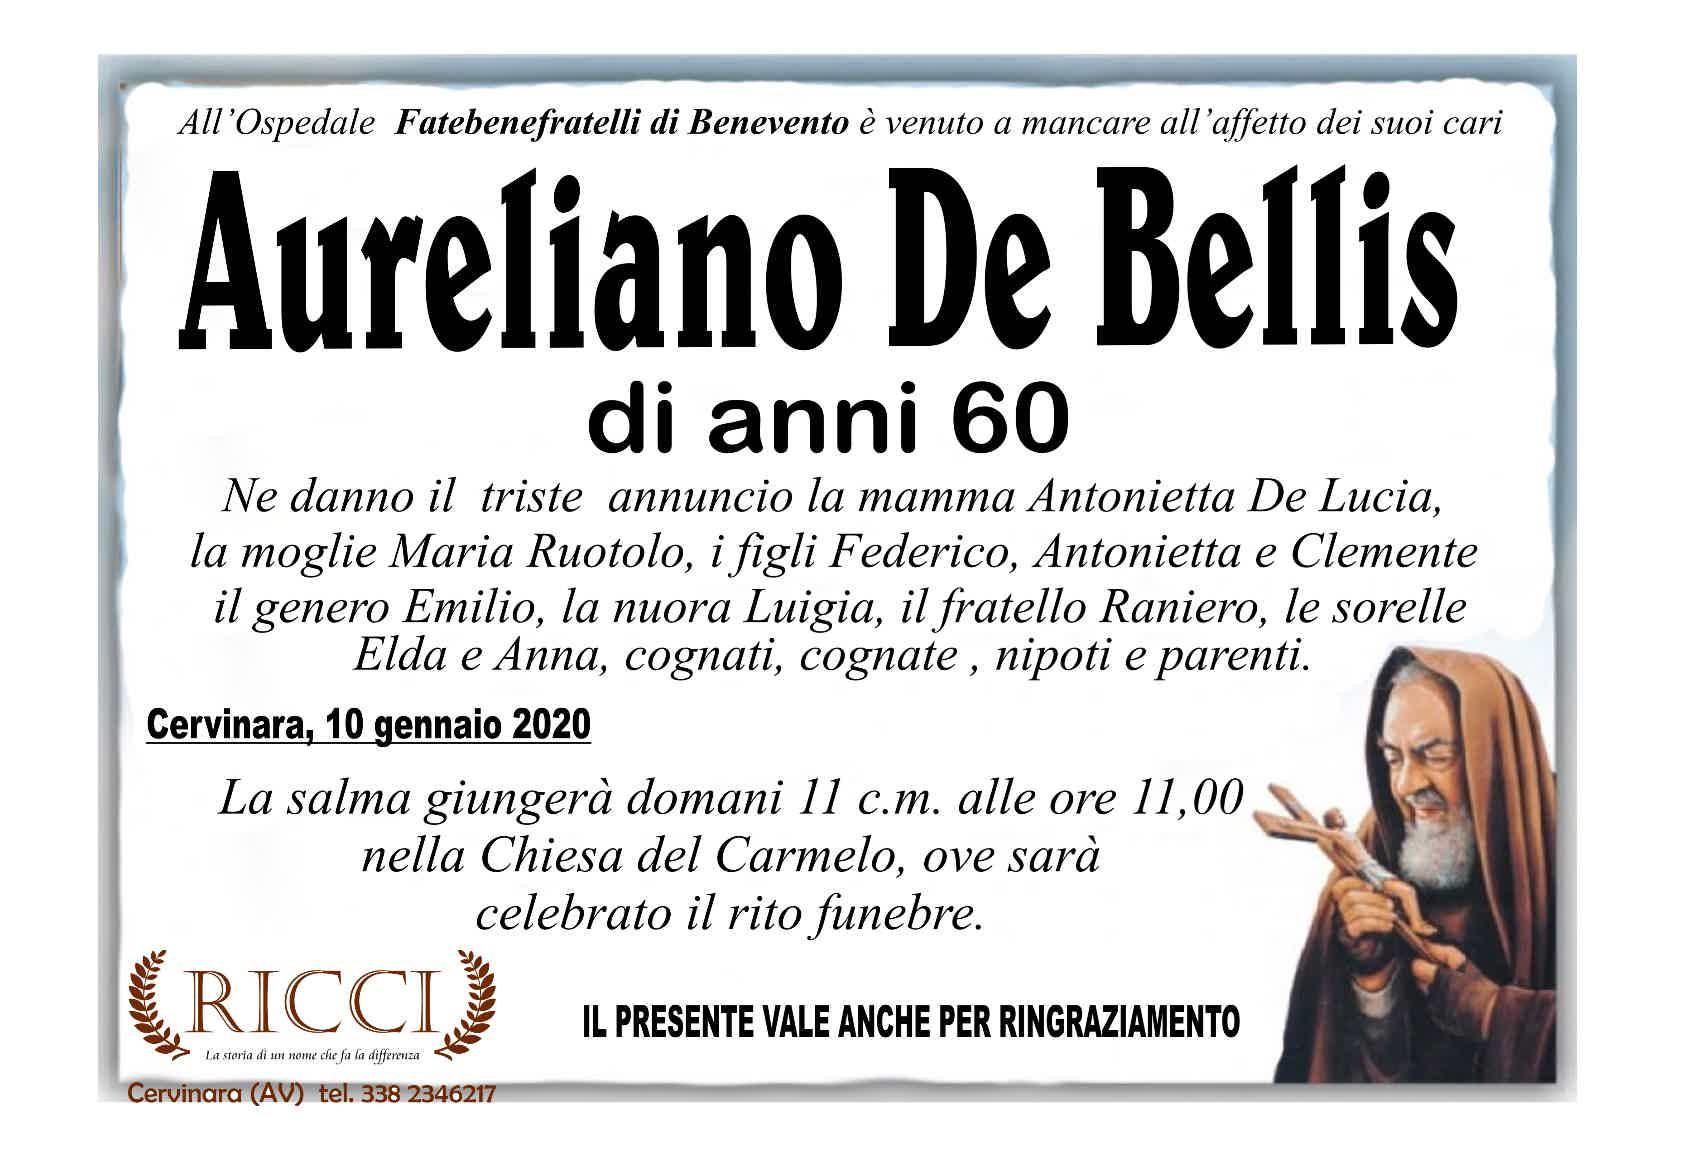 Aureliano De Bellis